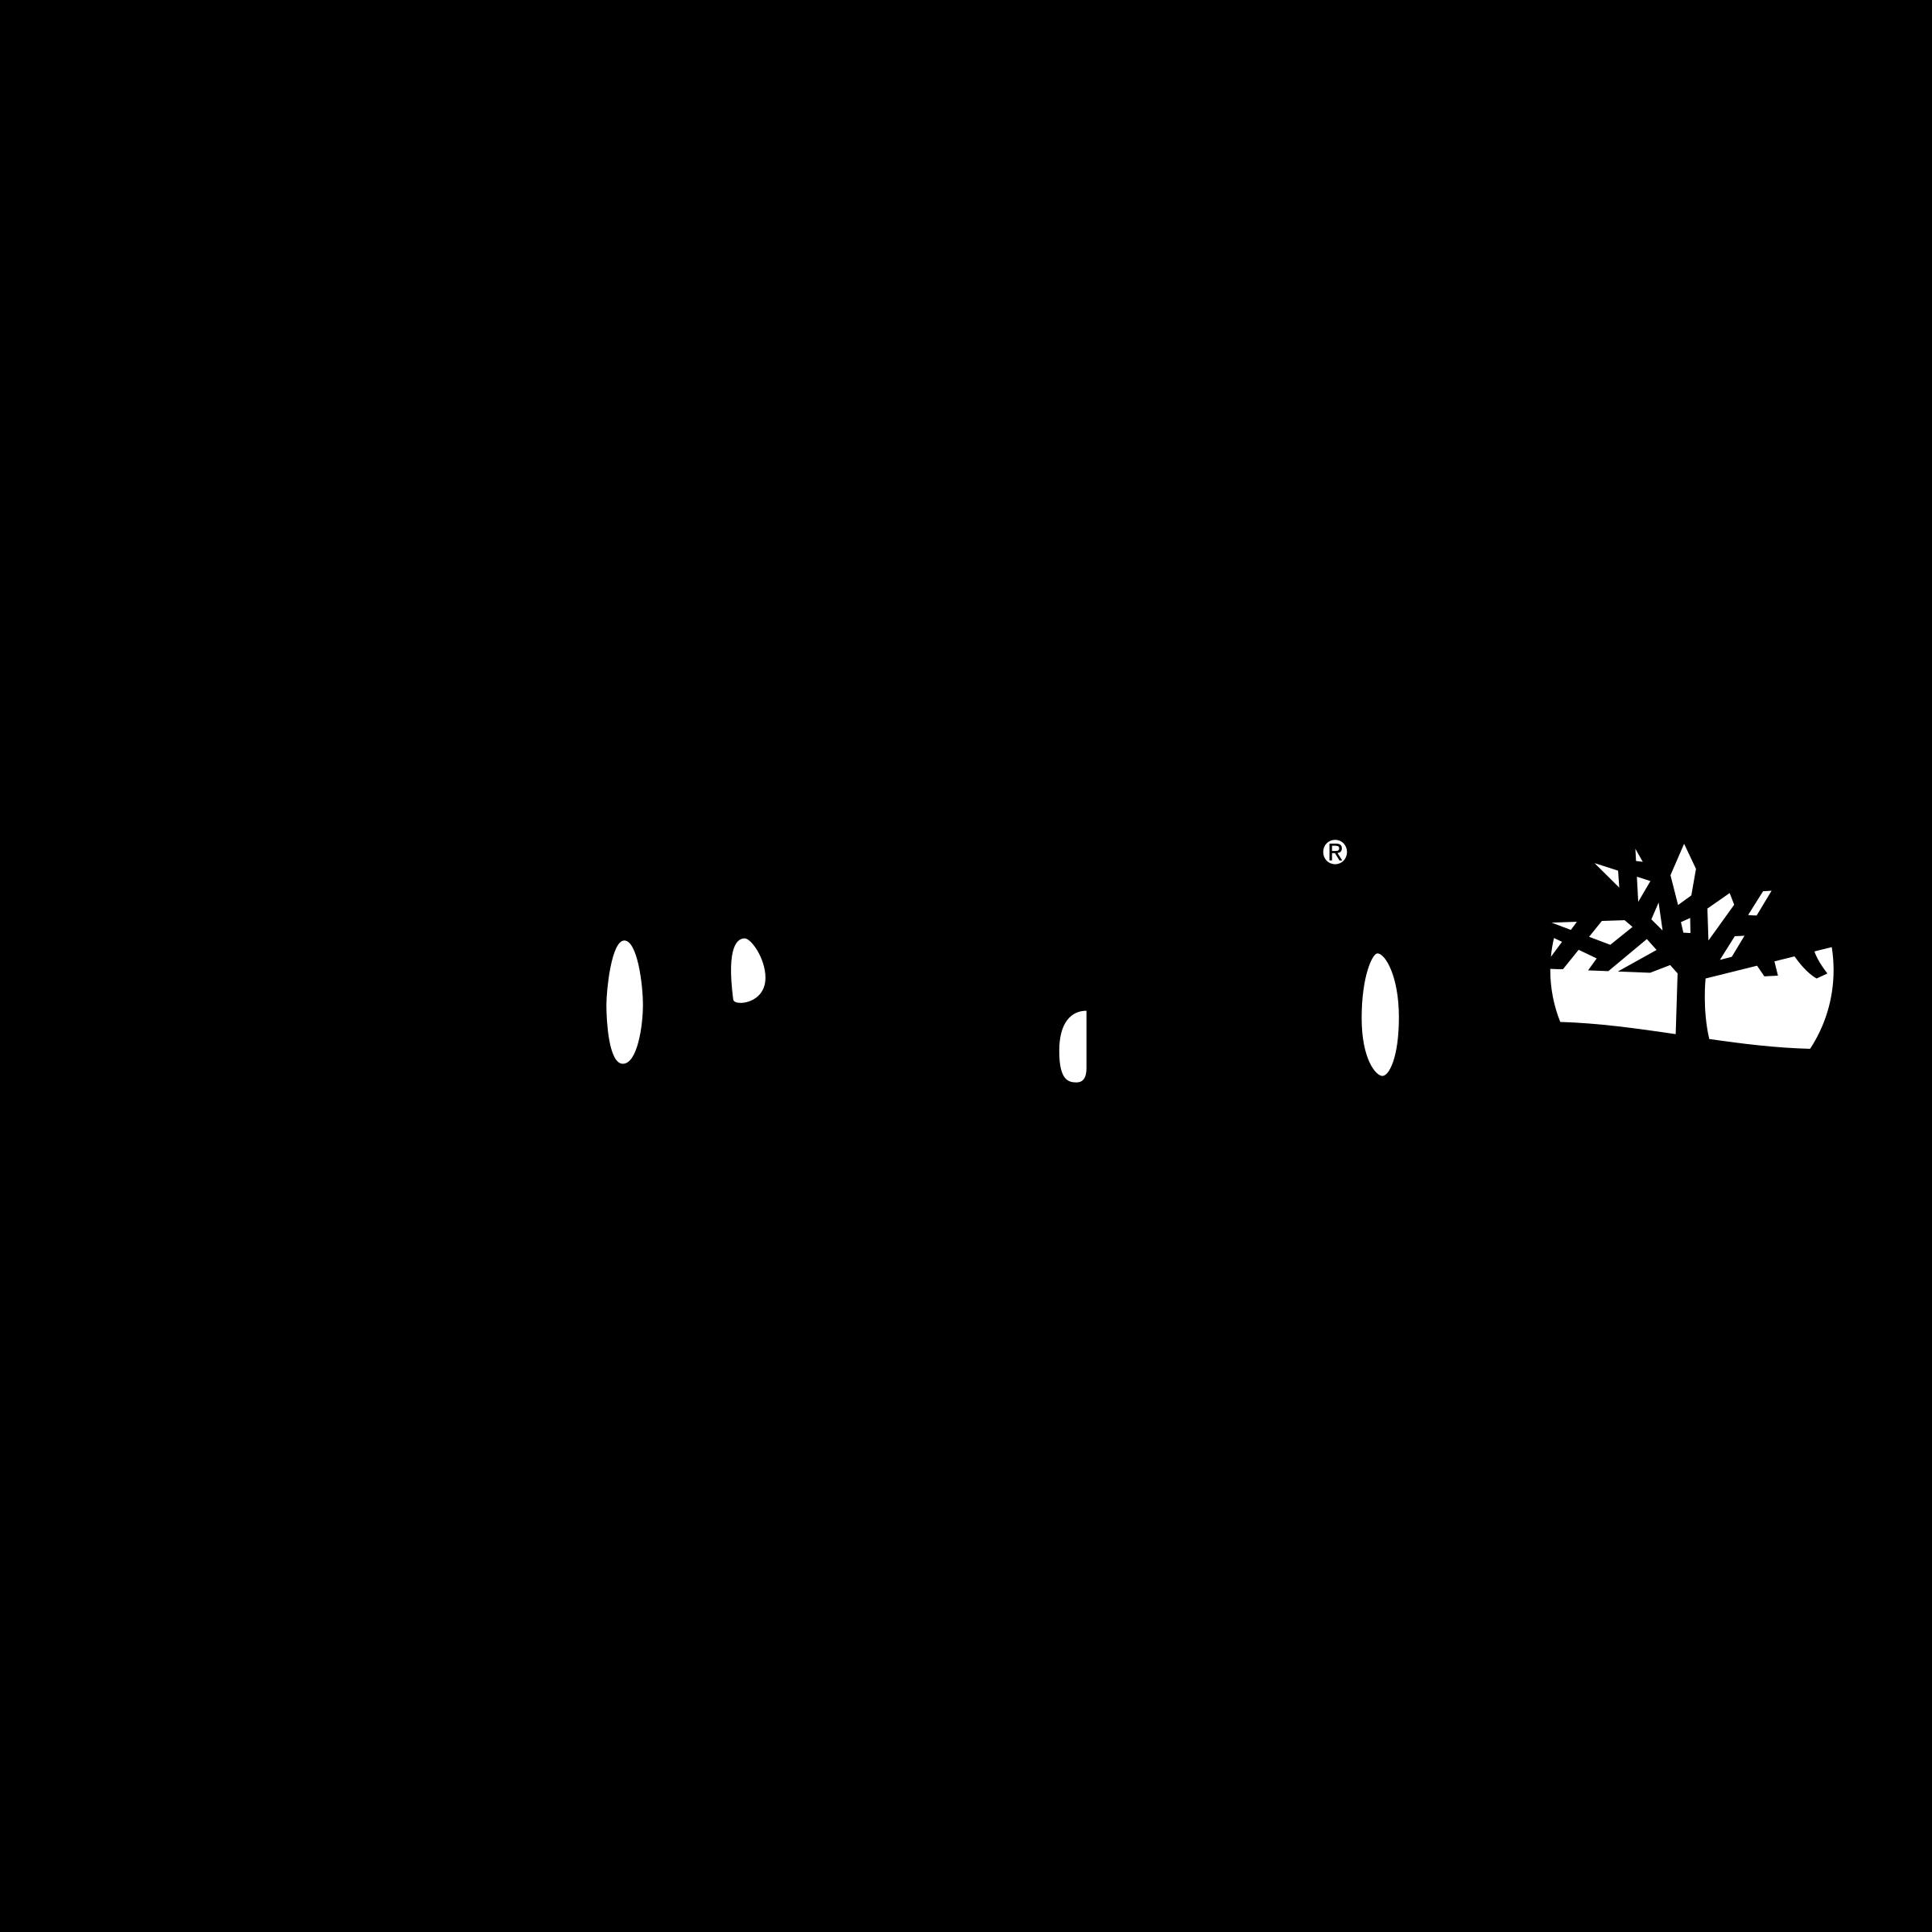 timberland-1-logo-png-transparent.png